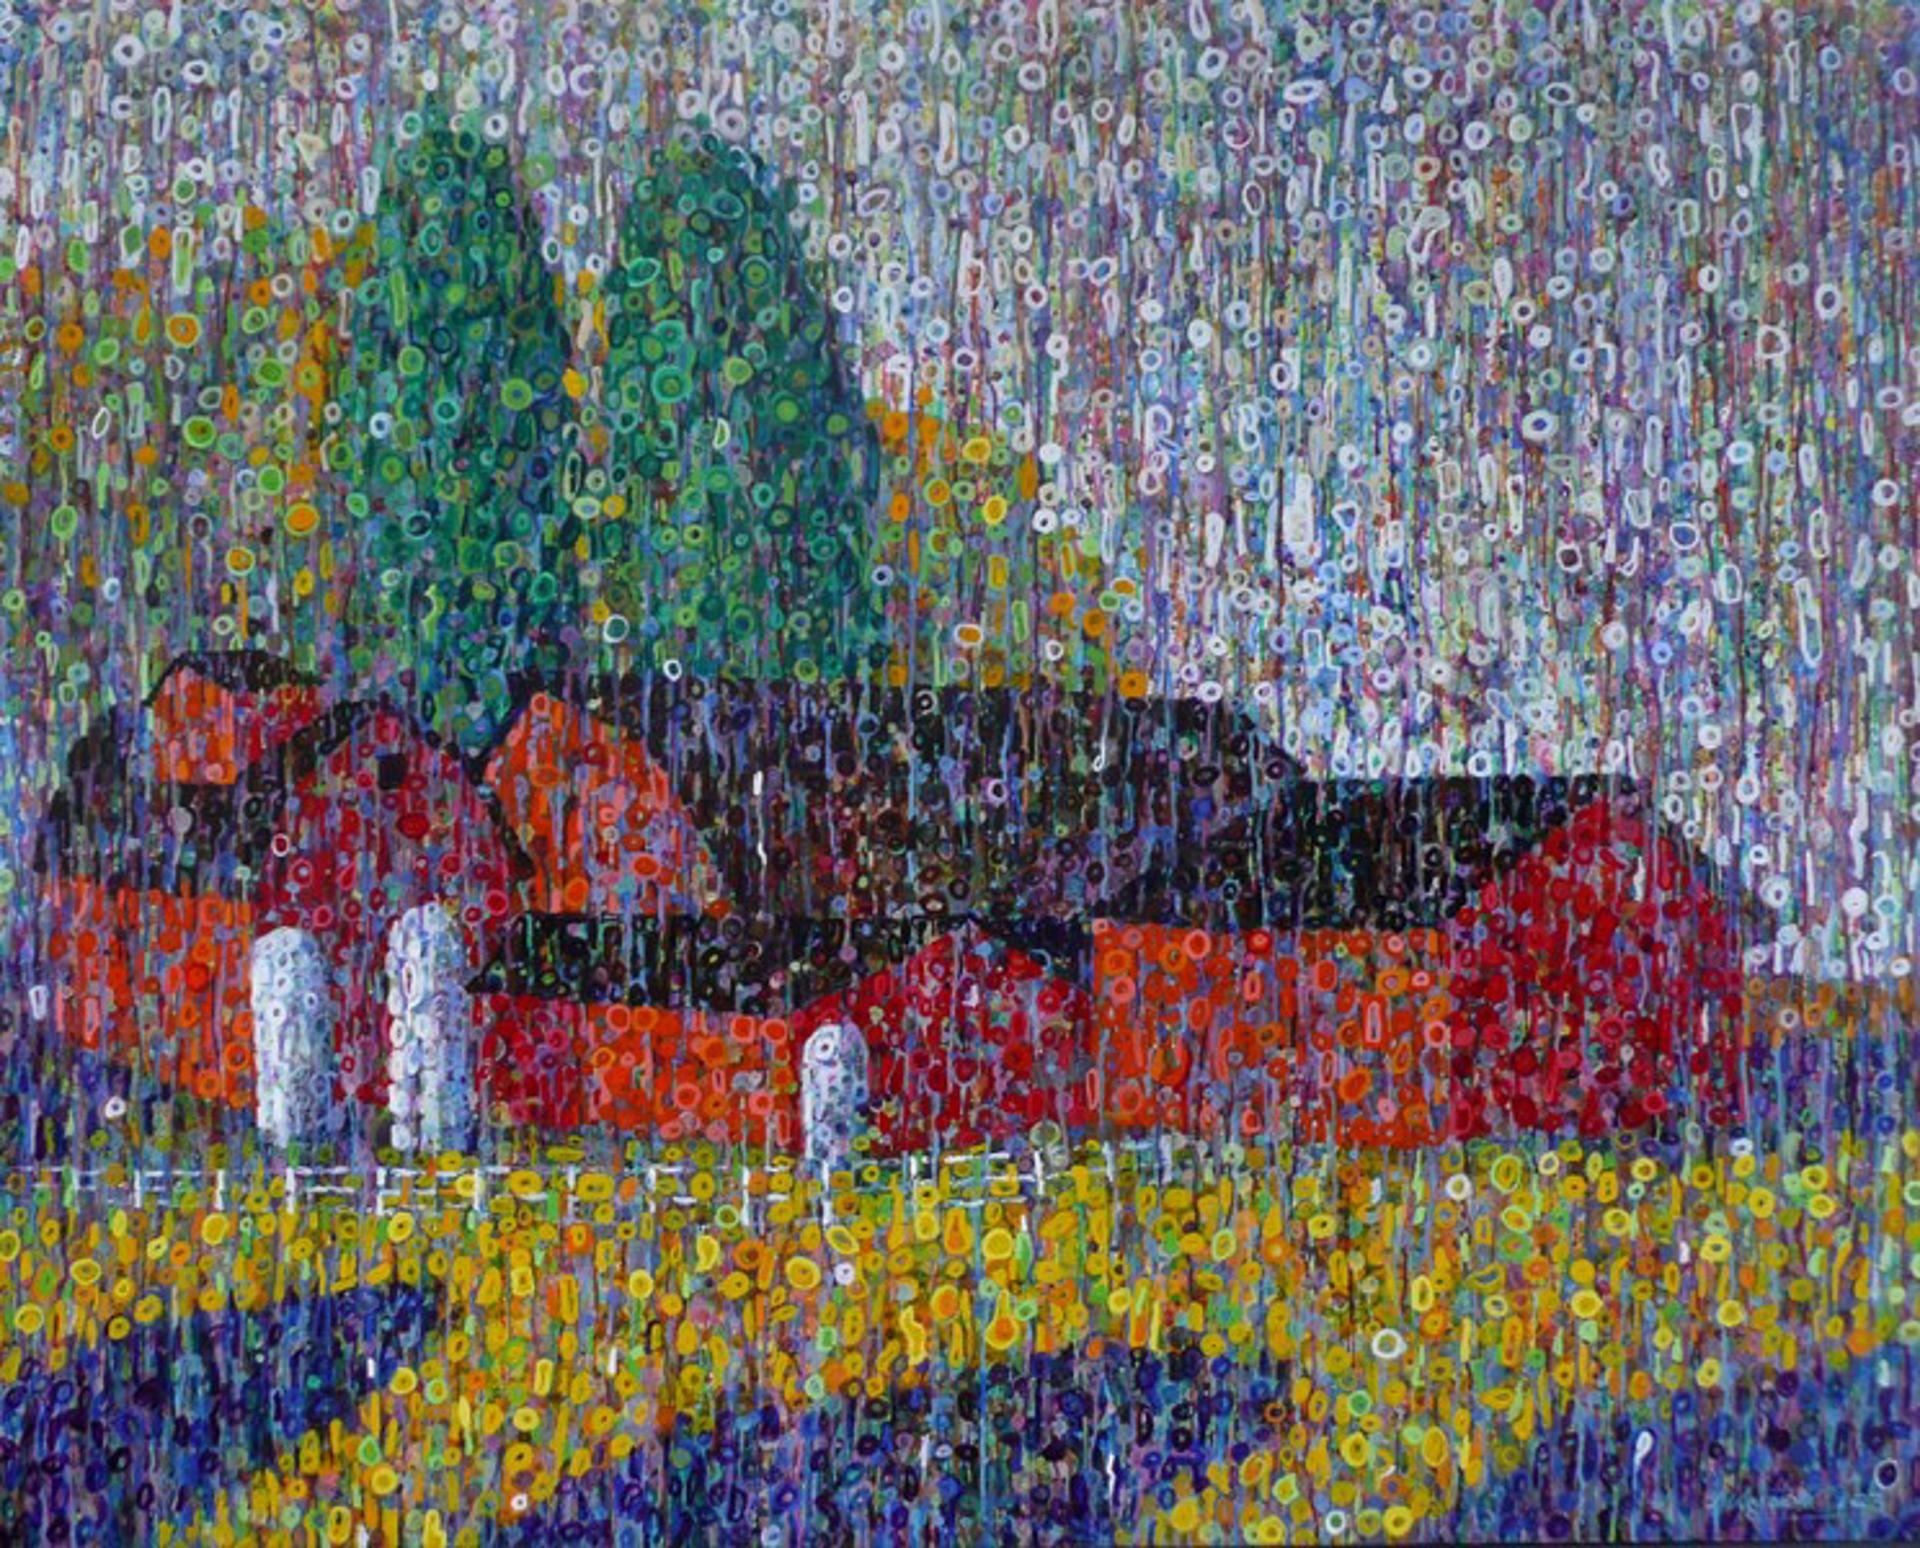 Northwest Barns by Marcio Diaz